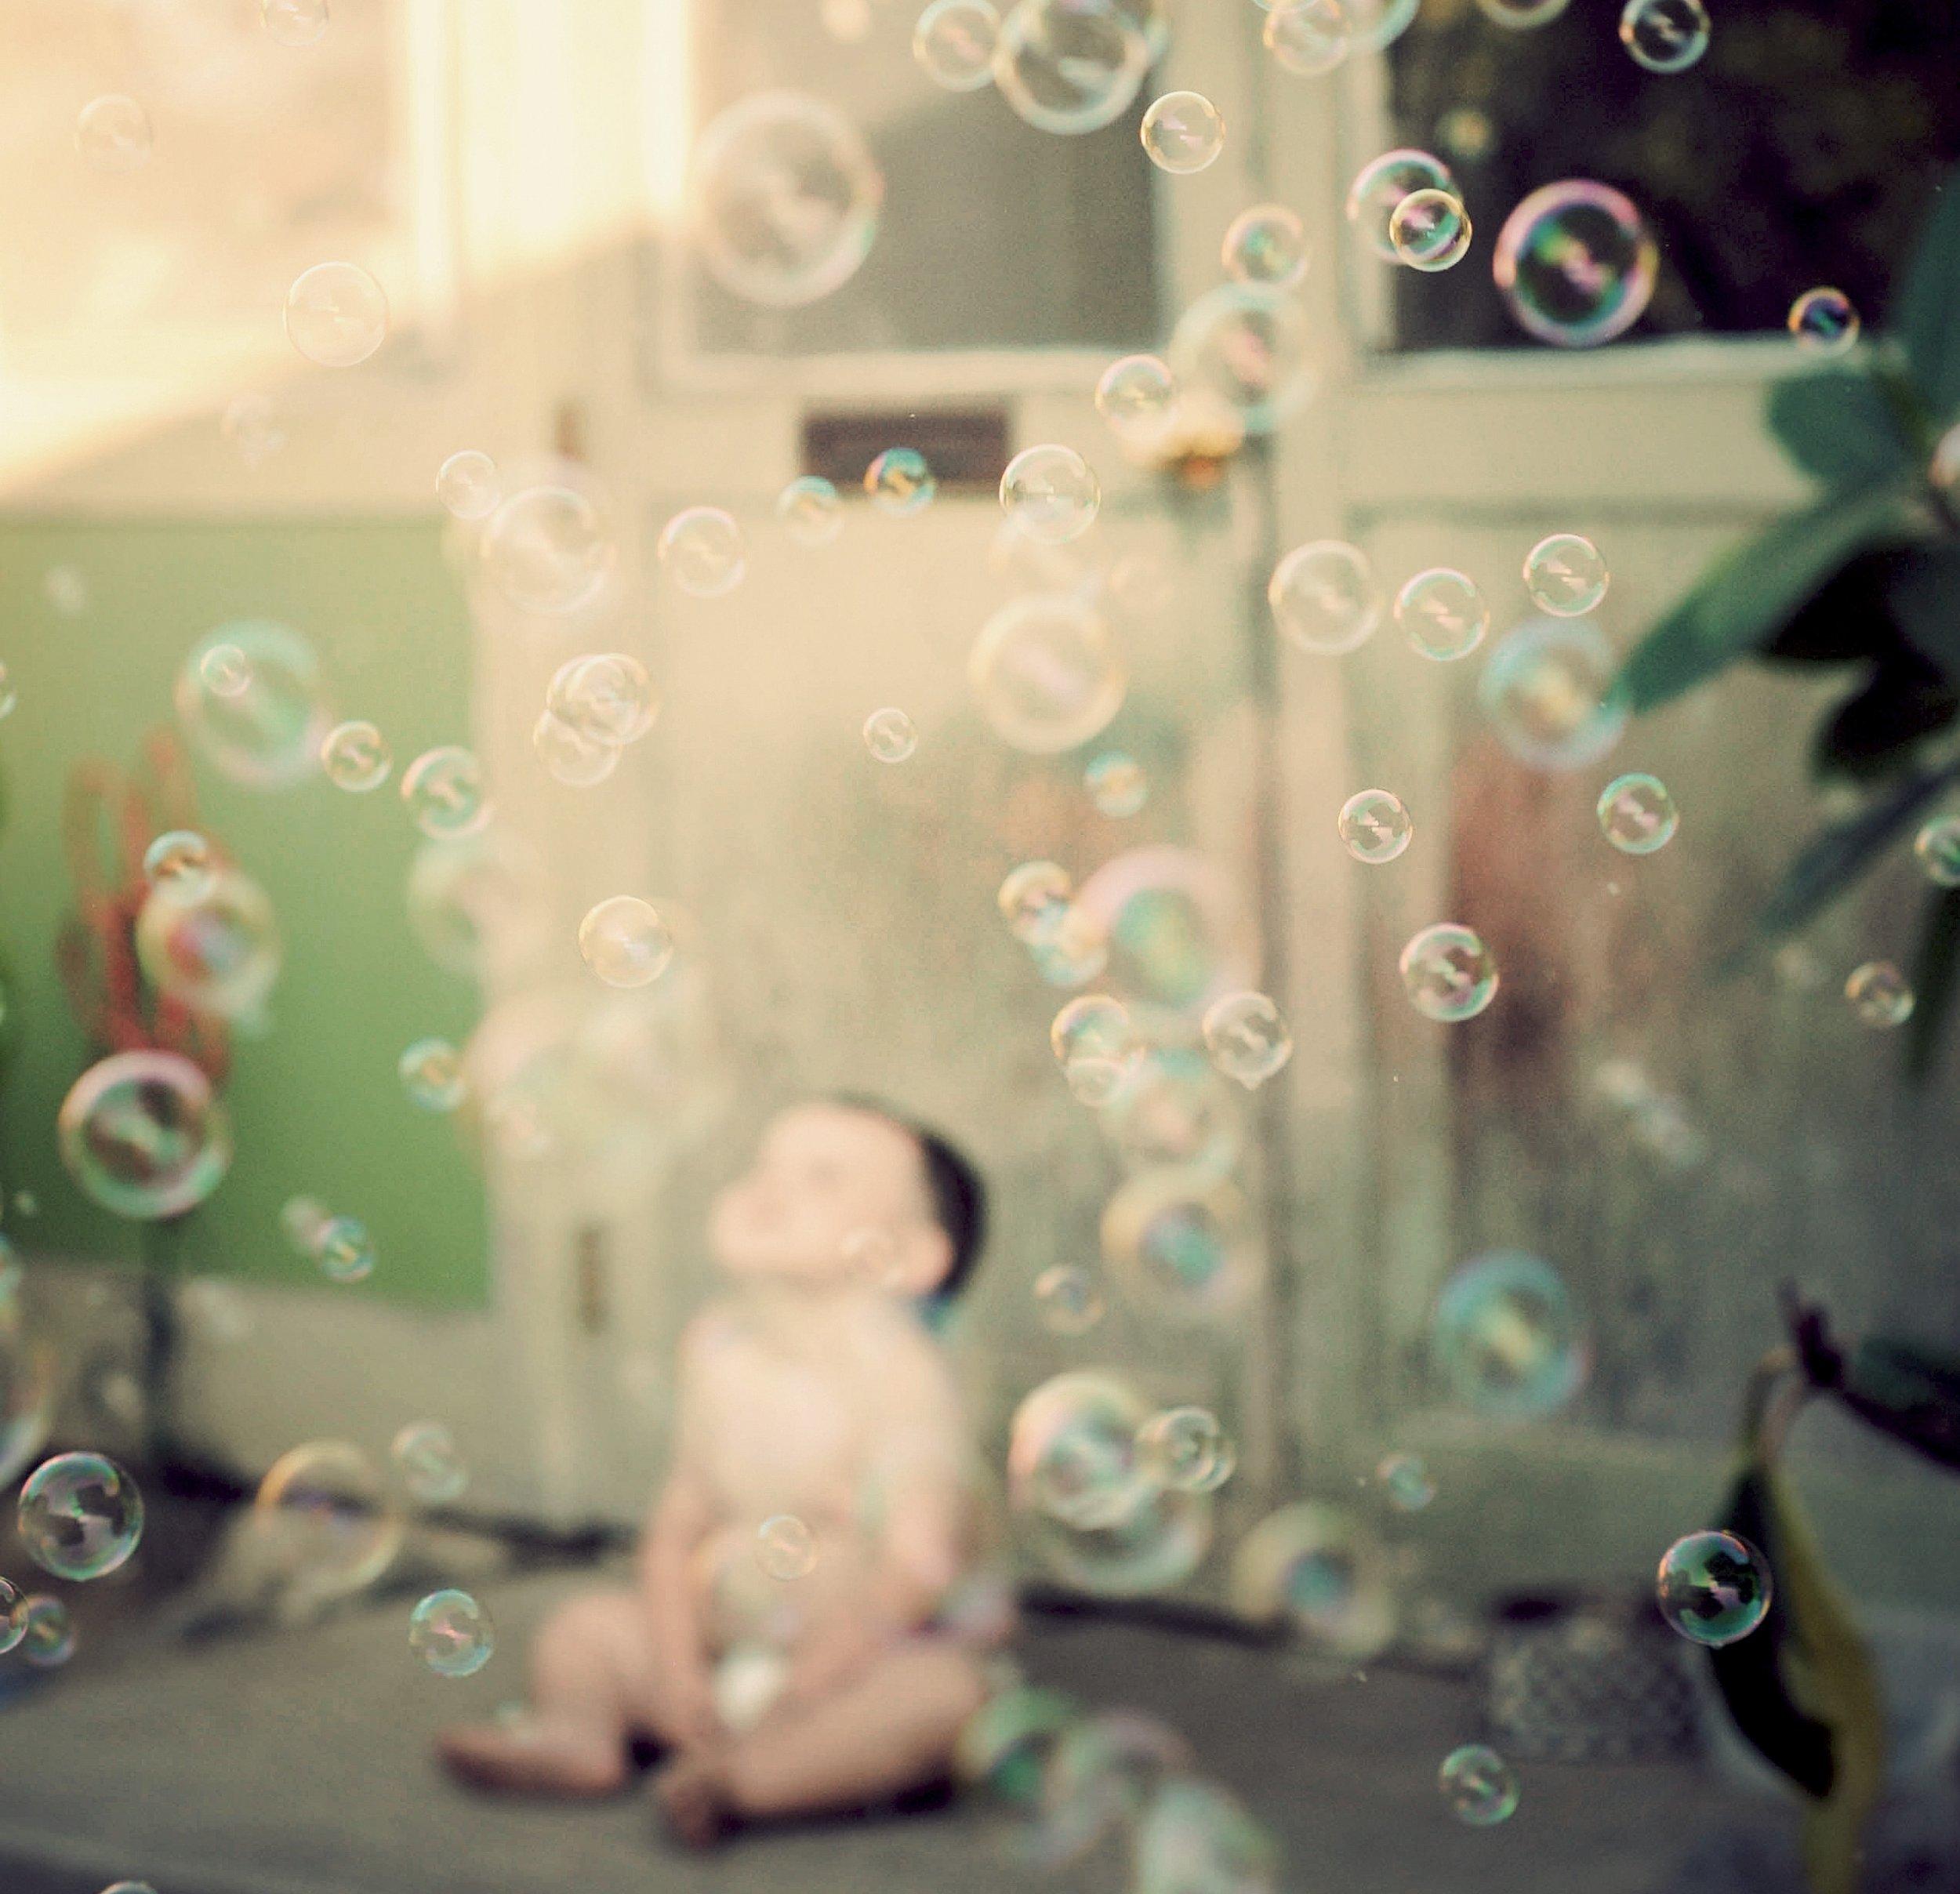 06_24_Memories_01